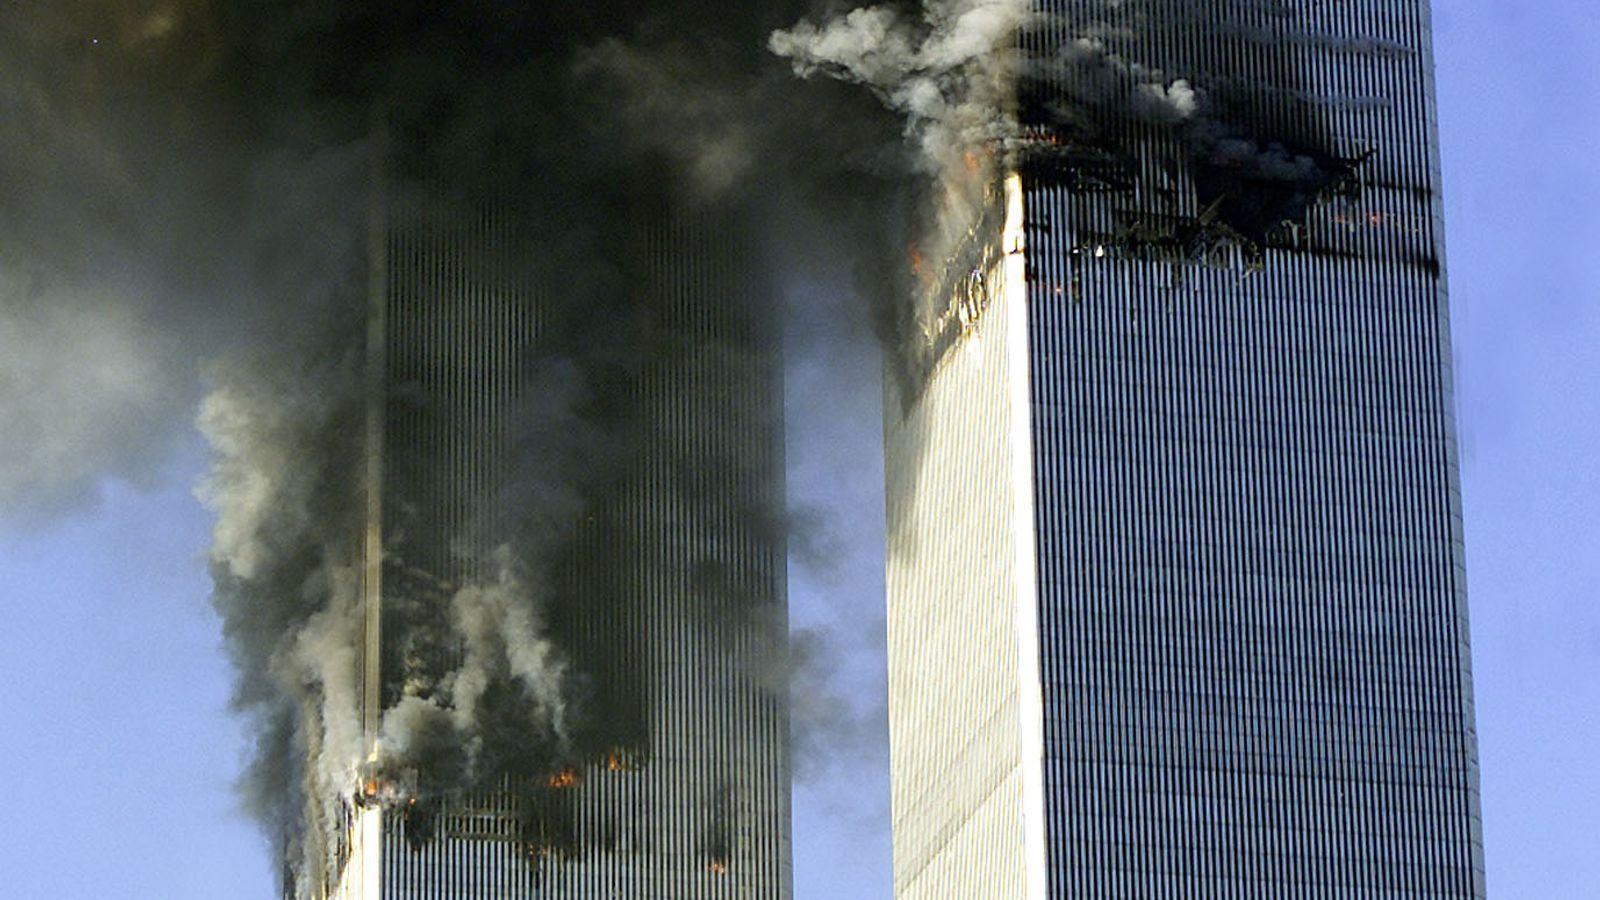 Tâm sự của người bị thiêu sống trong thảm kịch khủng bố 11-9-2001 - Ảnh 7.